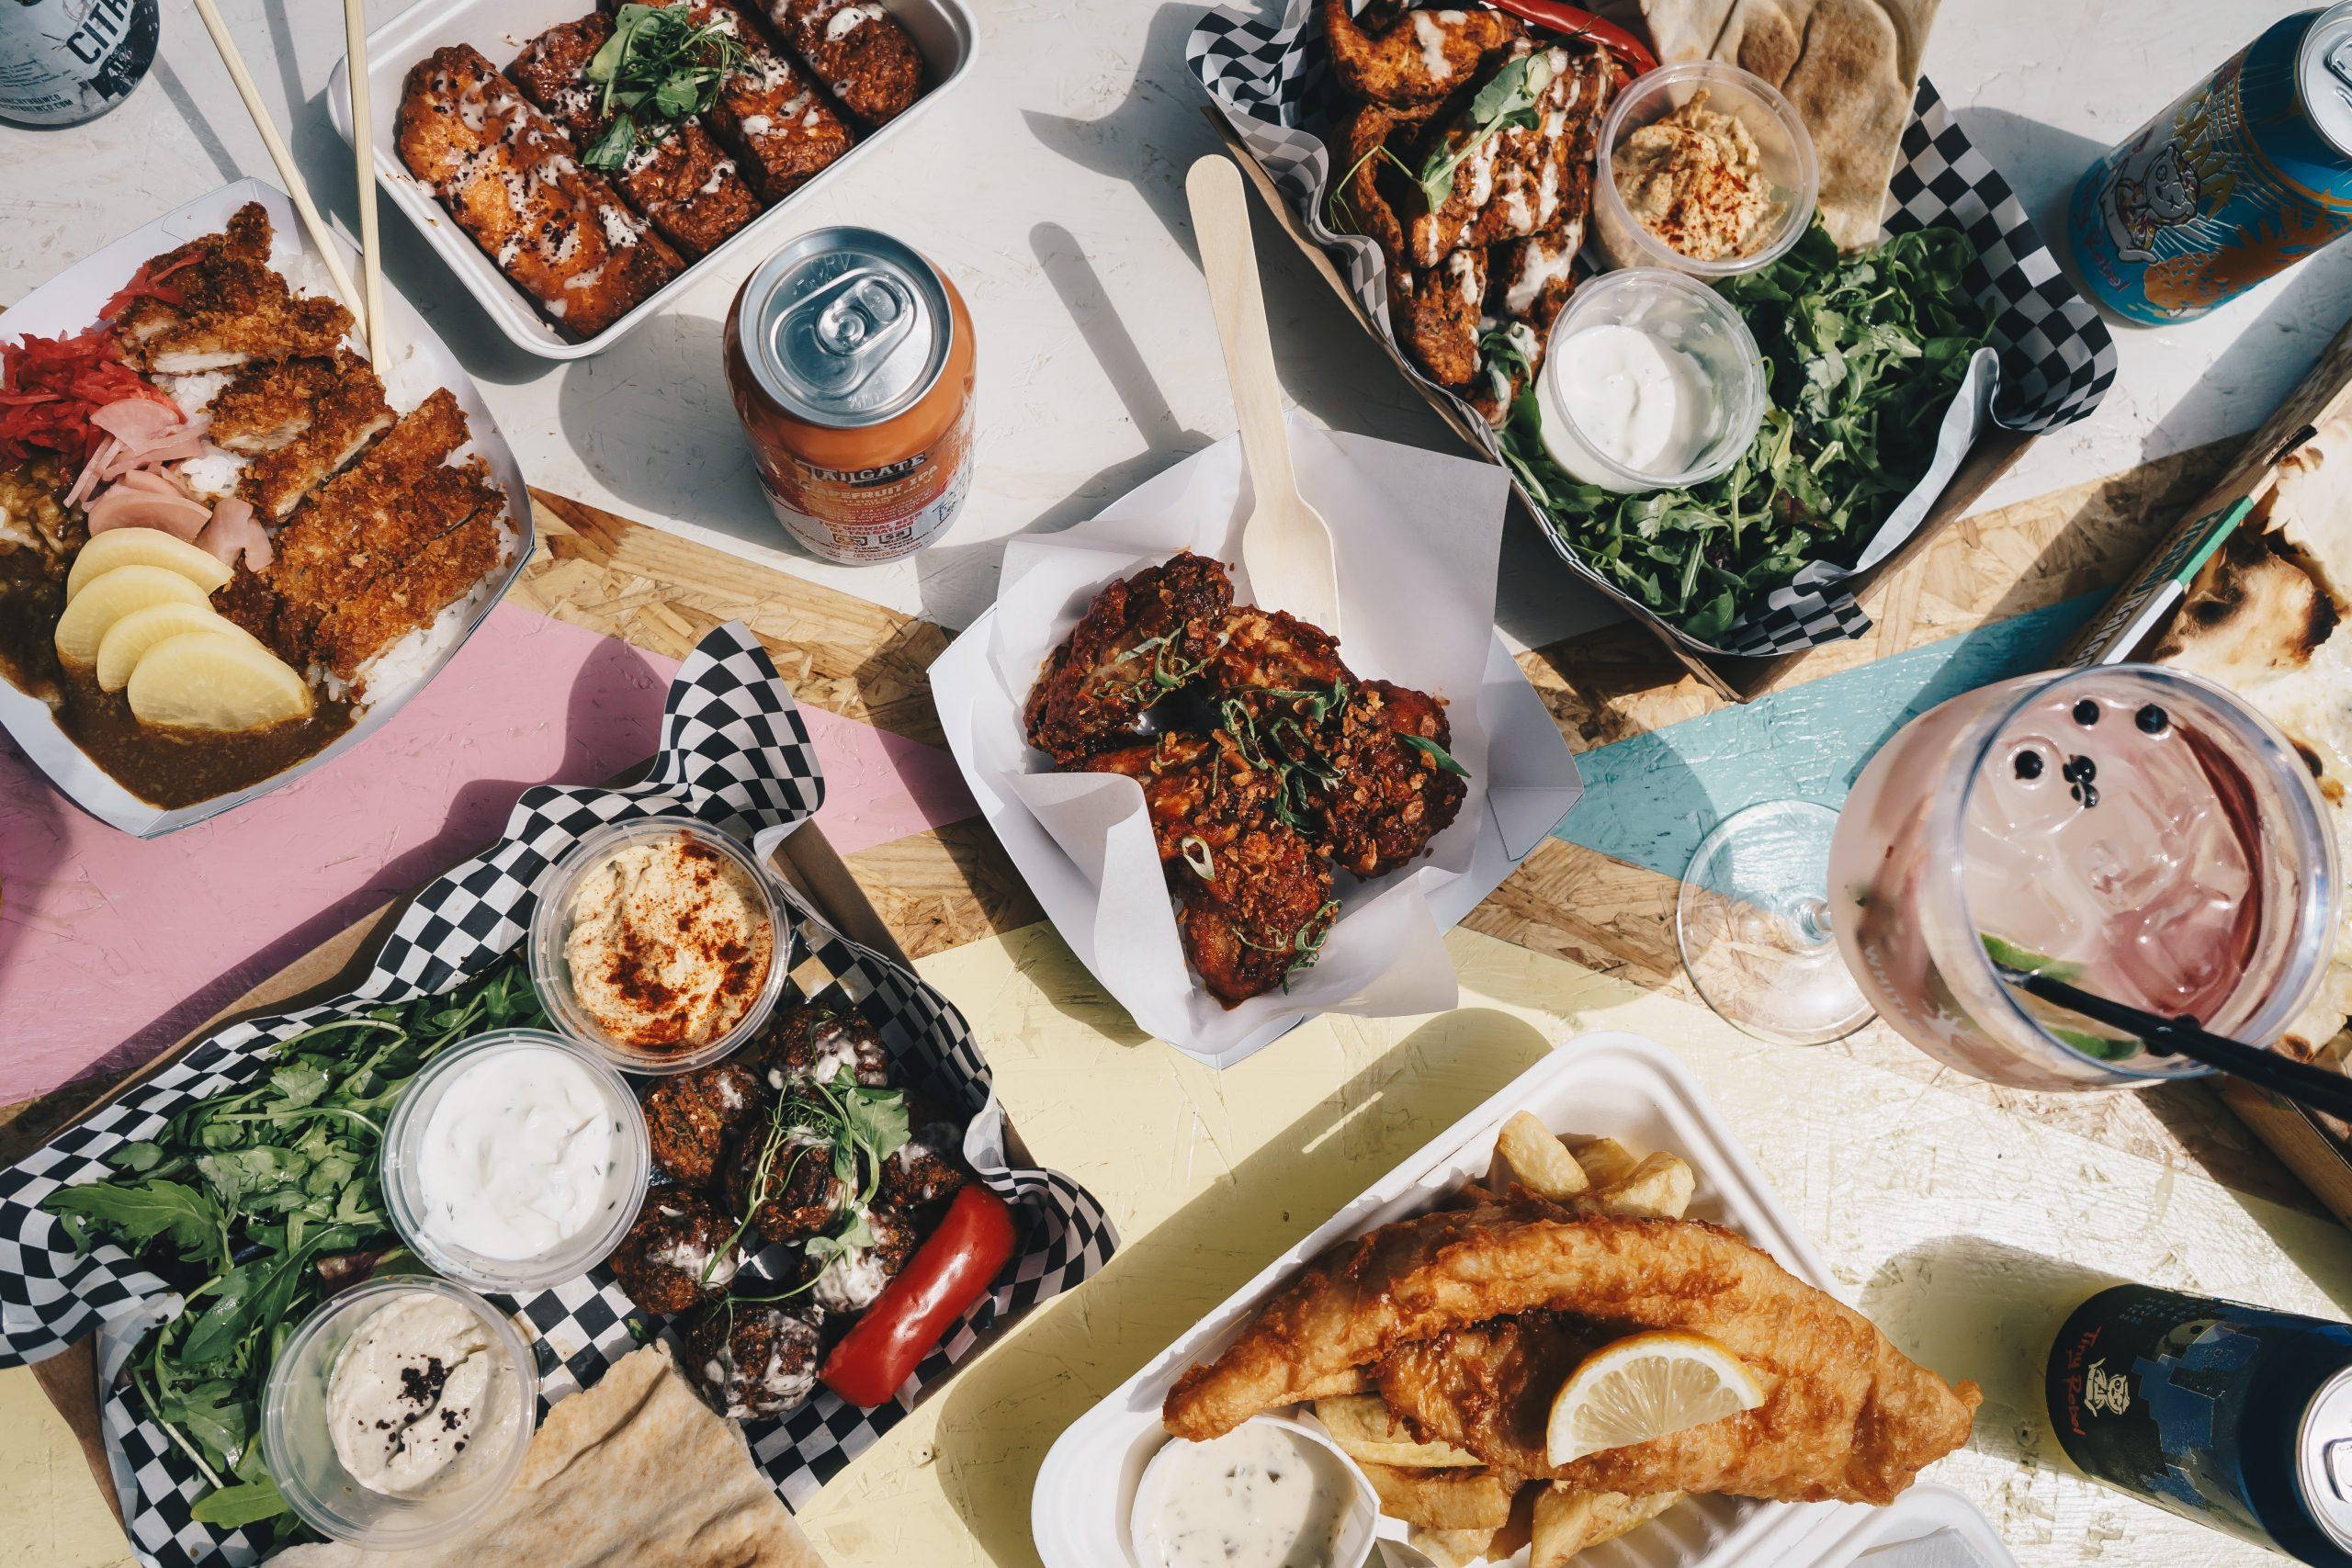 Tisch voller Essen & Getränke